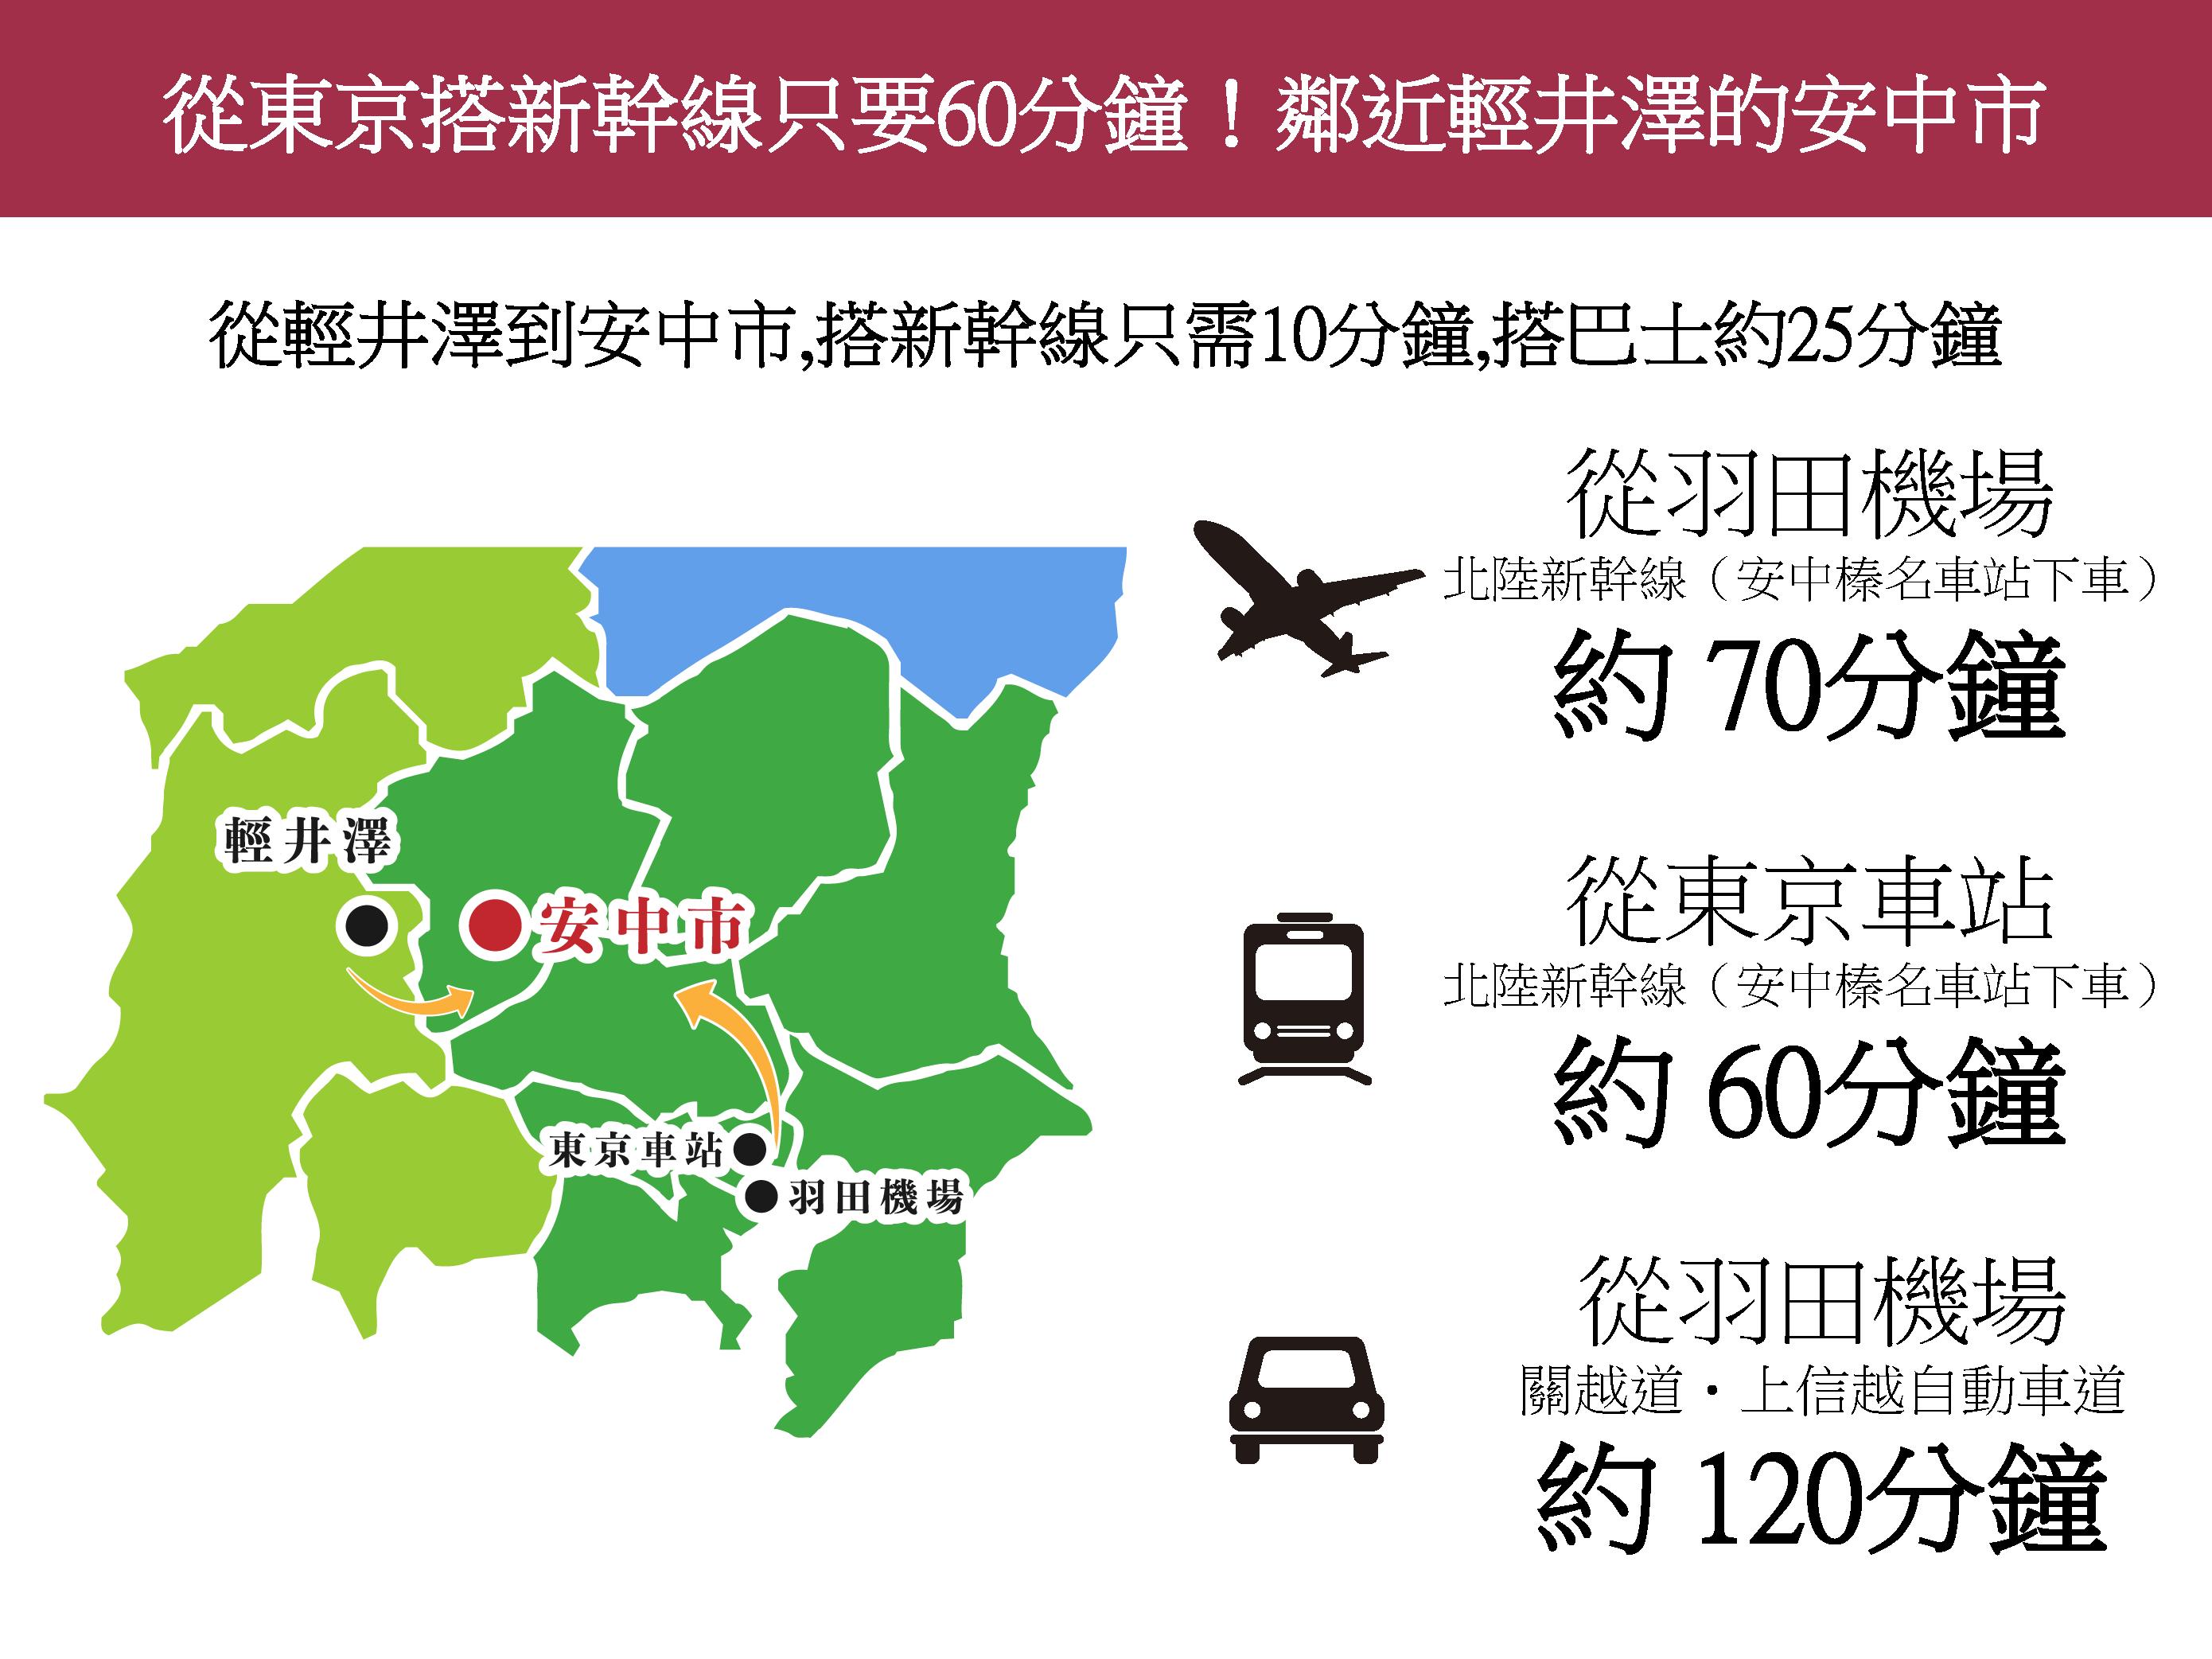 從東京搭新幹線只要60分鐘!位於輕井澤旁的安中市